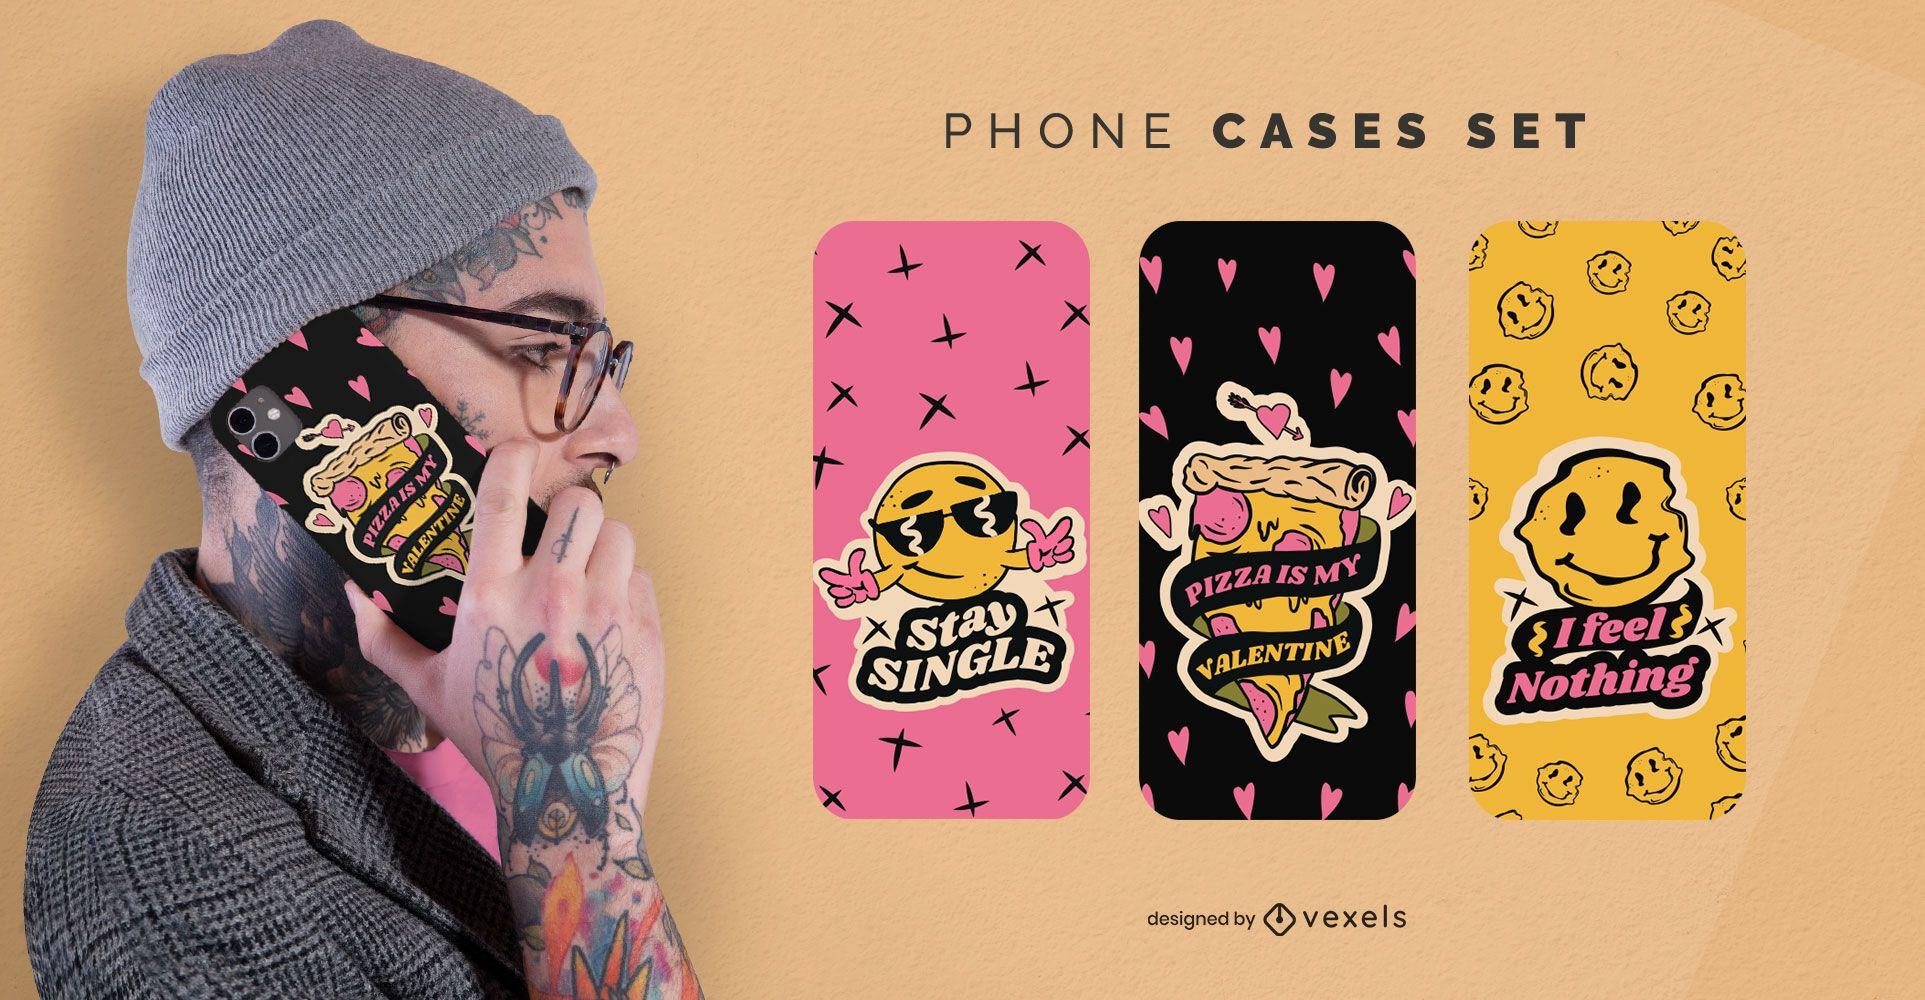 Anti valentines phone cases set